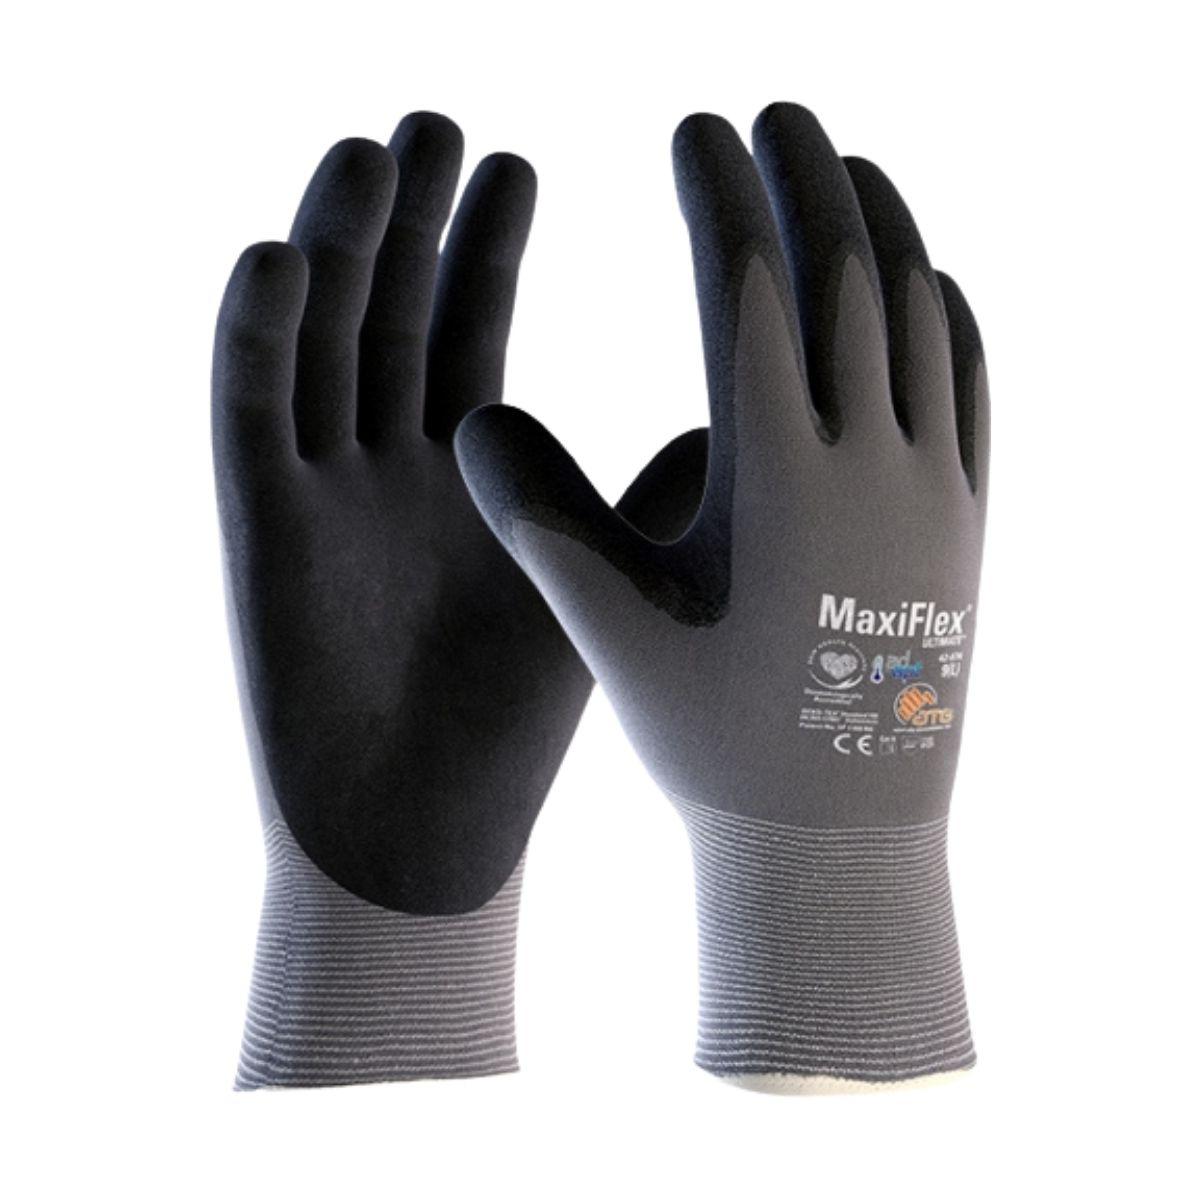 GL4874 ATG Maxiflex Ultimate PC Glove